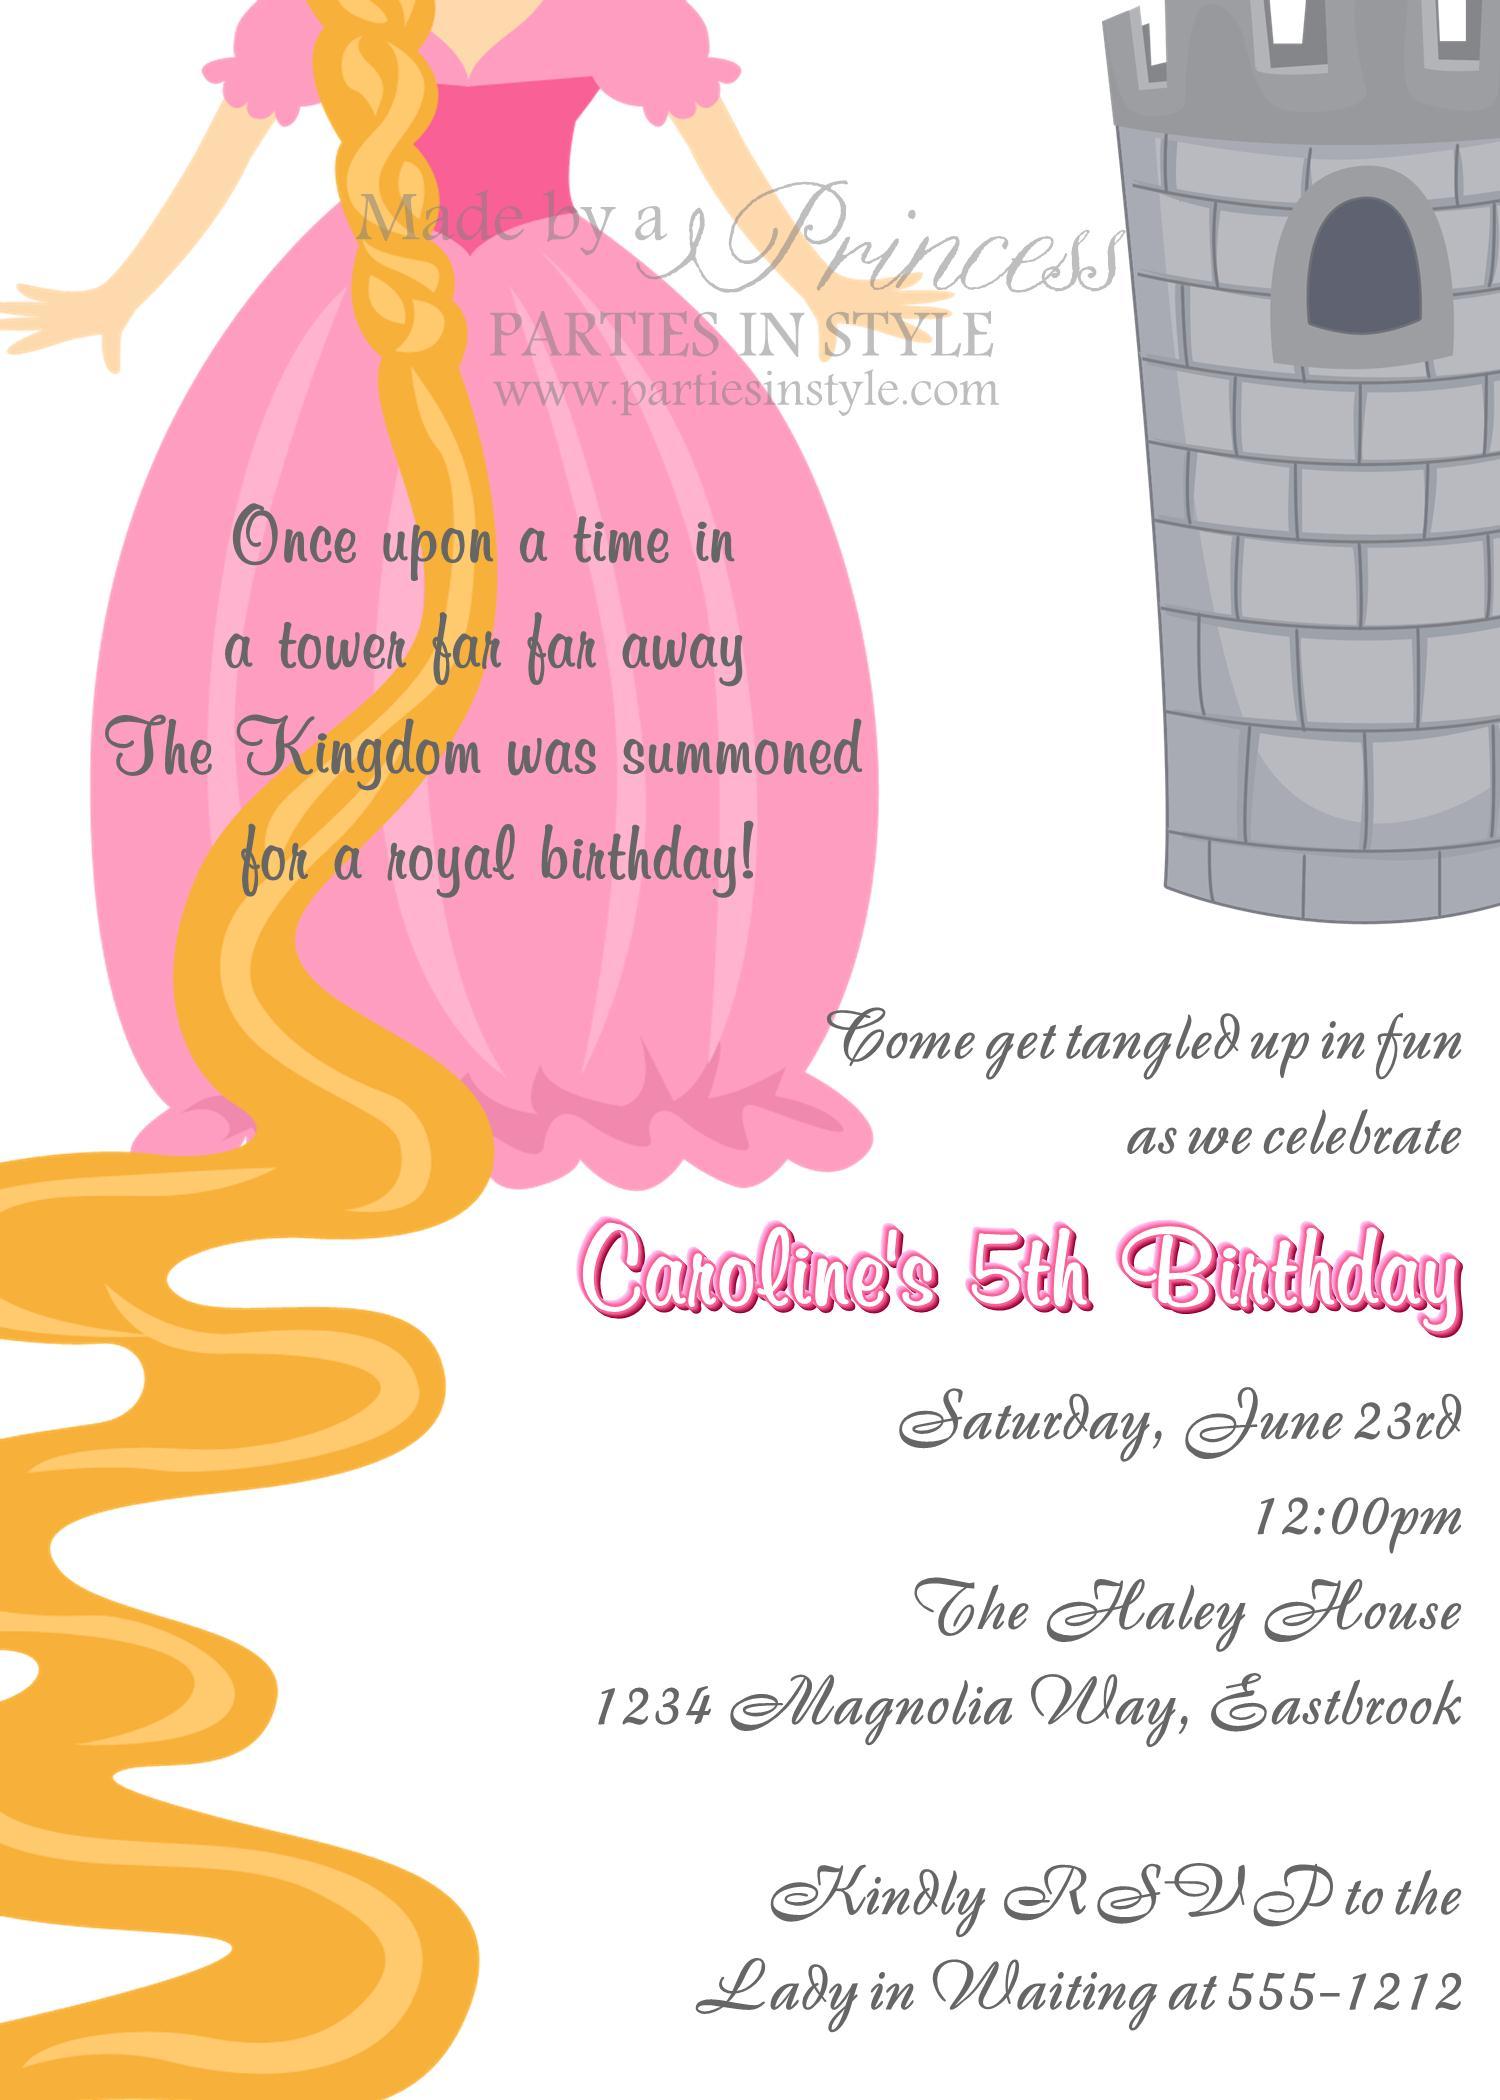 Birthday Invitation - Princess Series Rapunzel - Printable DIY on Luulla